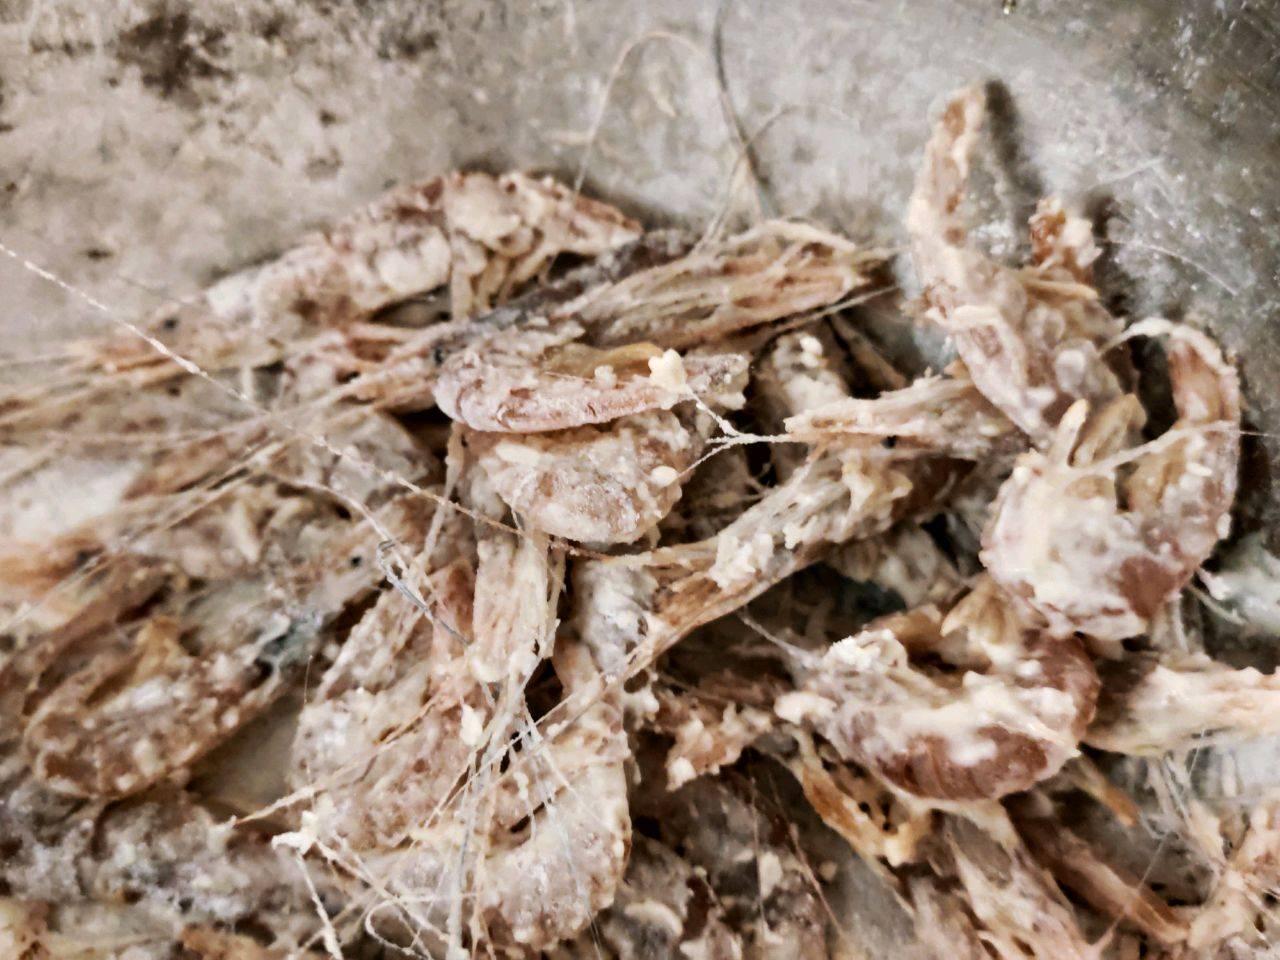 【香酥炸虾】的做法+配方,不但酥脆可口还更加补钙营养!